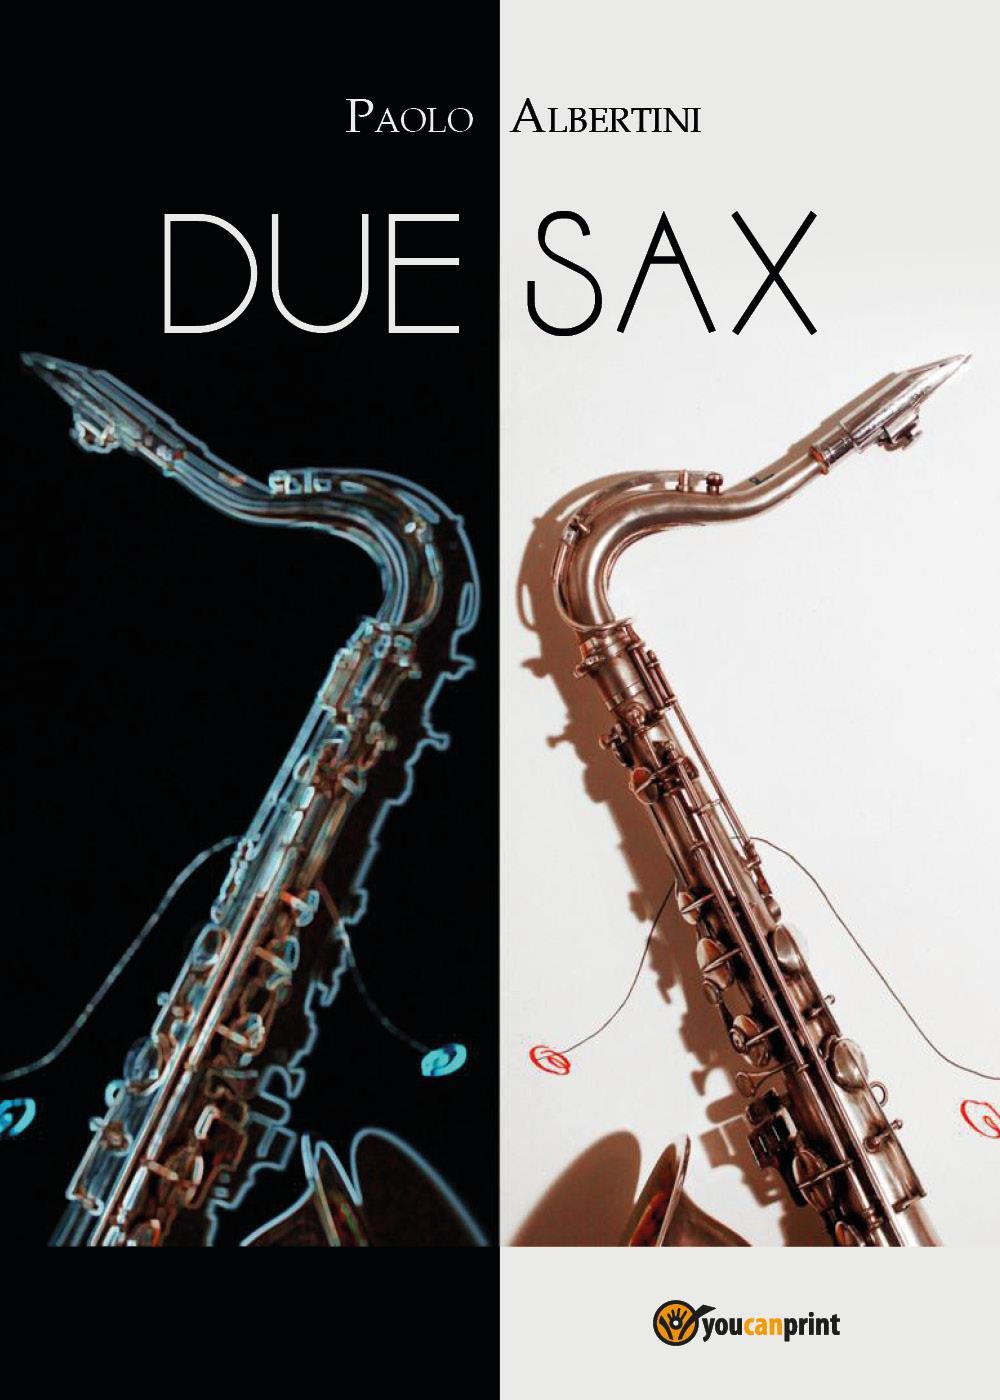 Due Sax